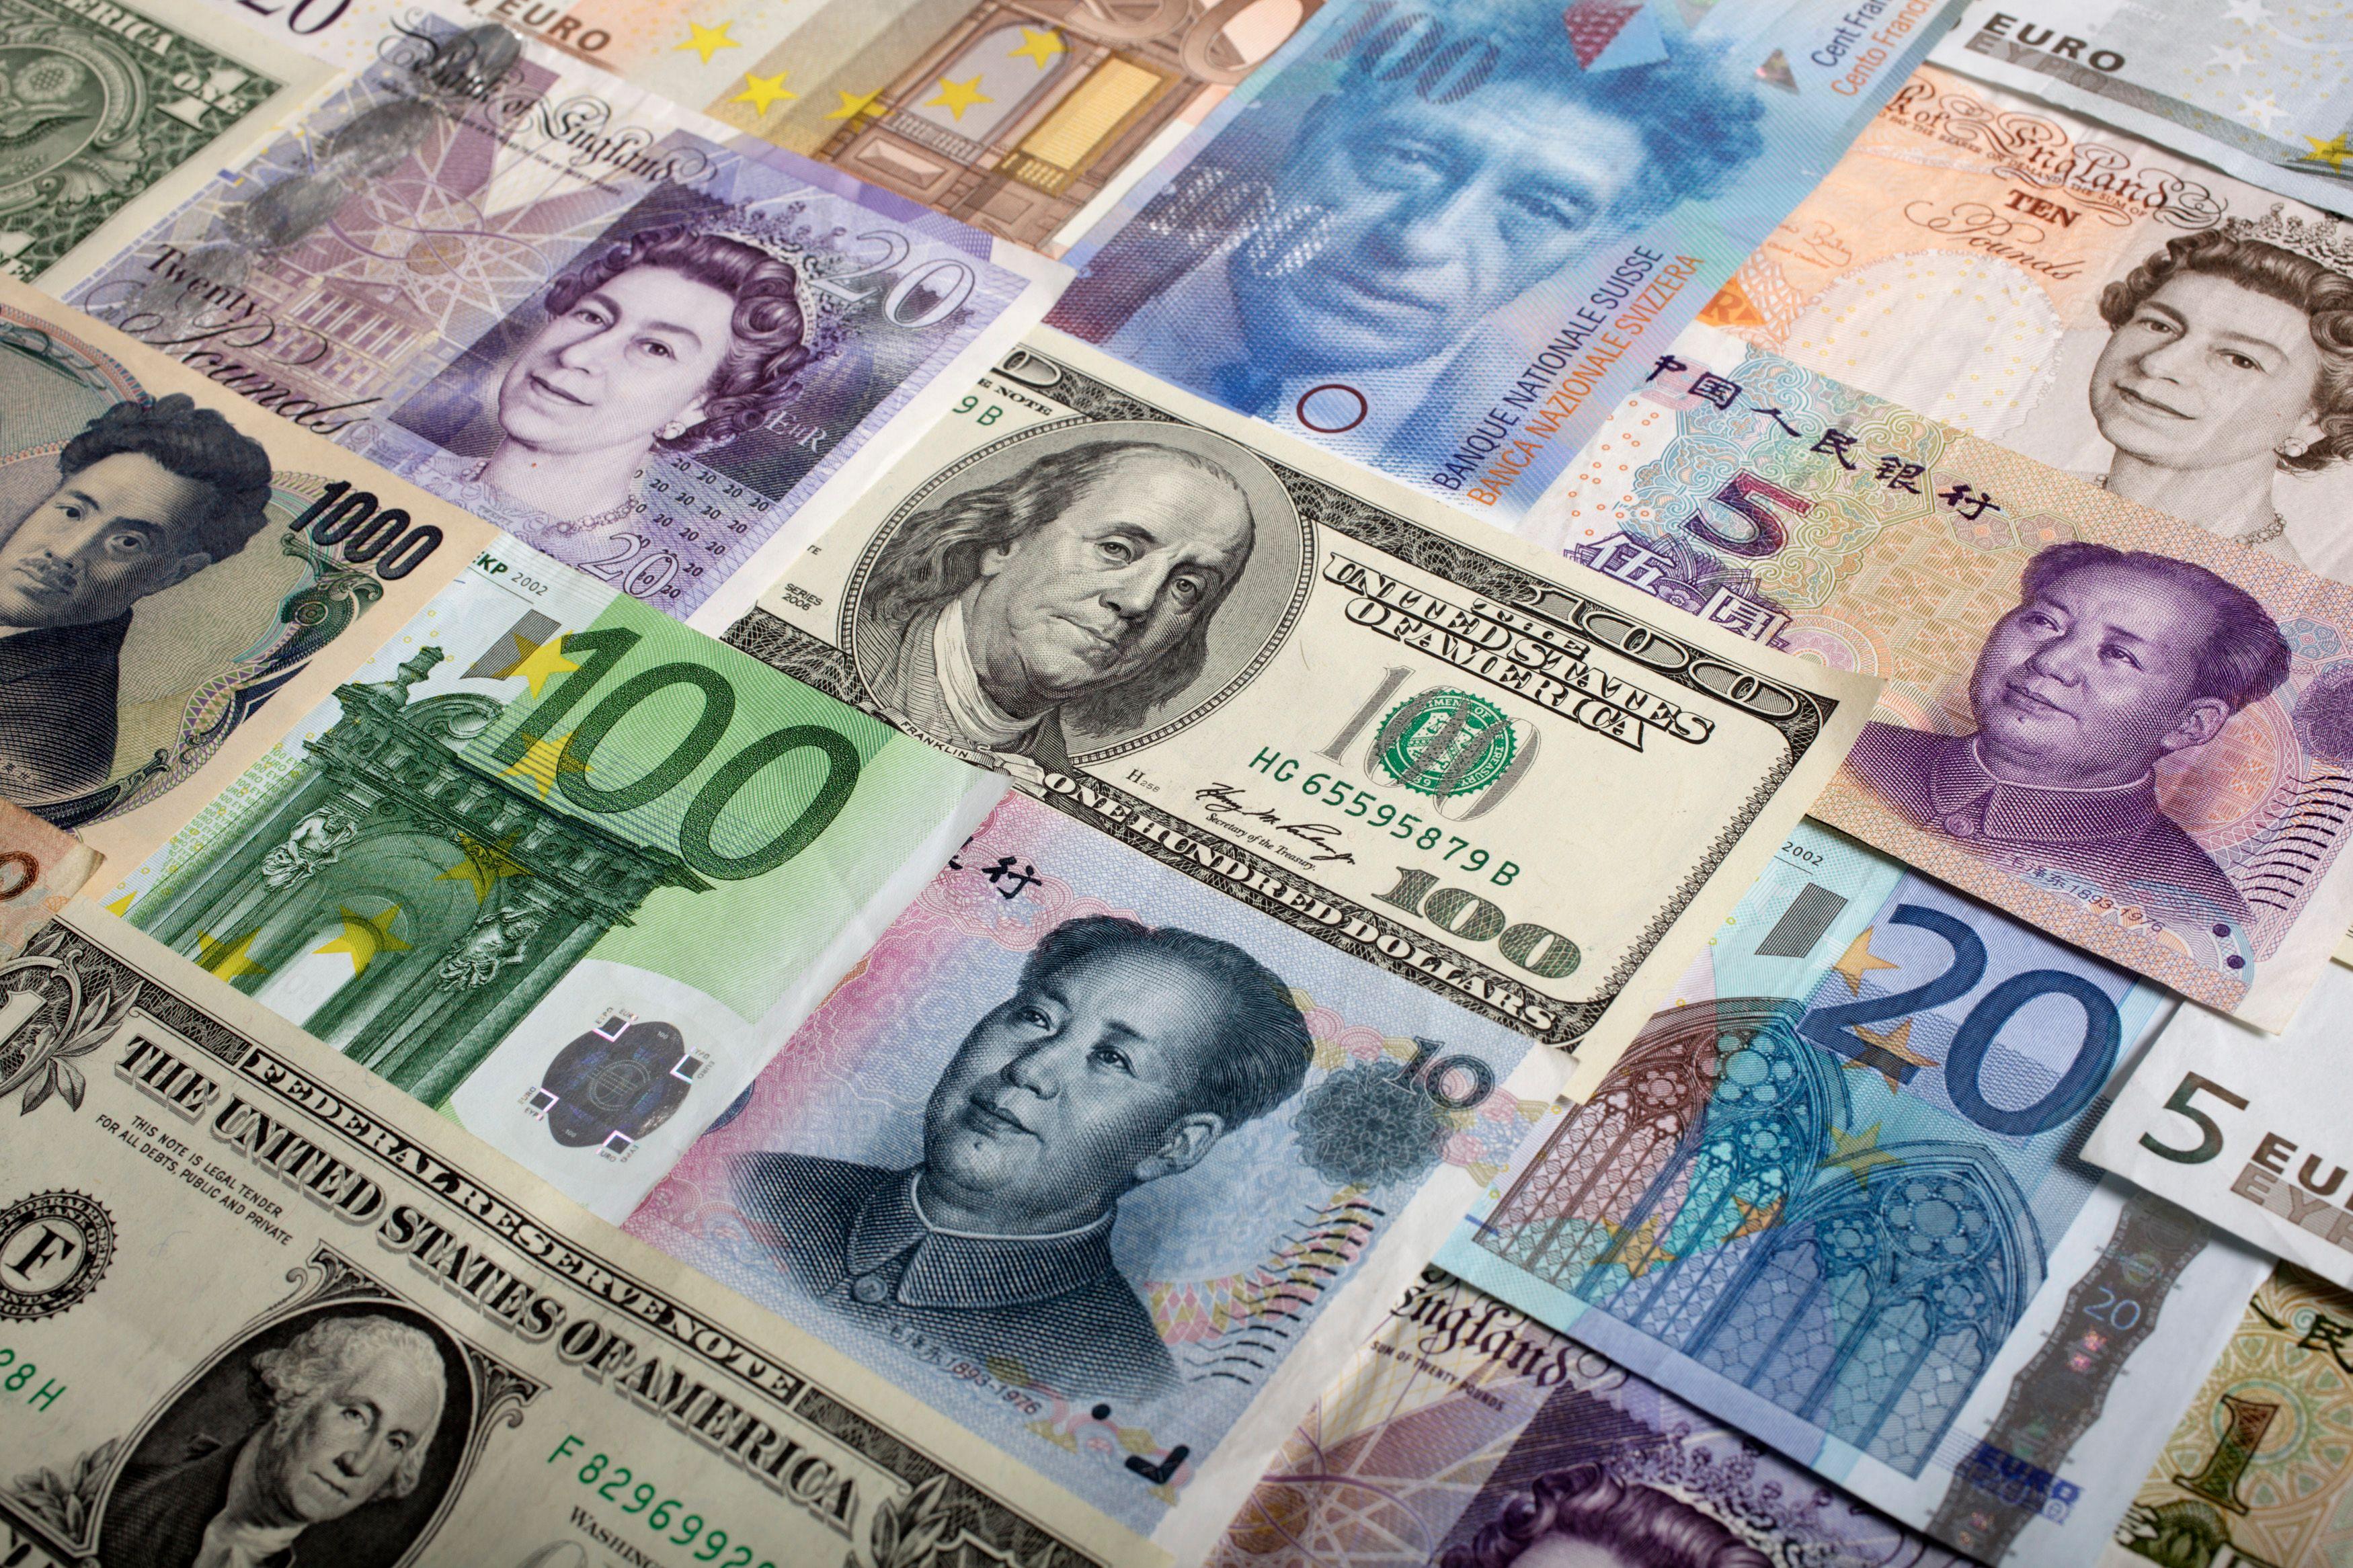 Que savons-nous vraiment sur les conséquences d'une injection massive de liquidités dans l'économie ?